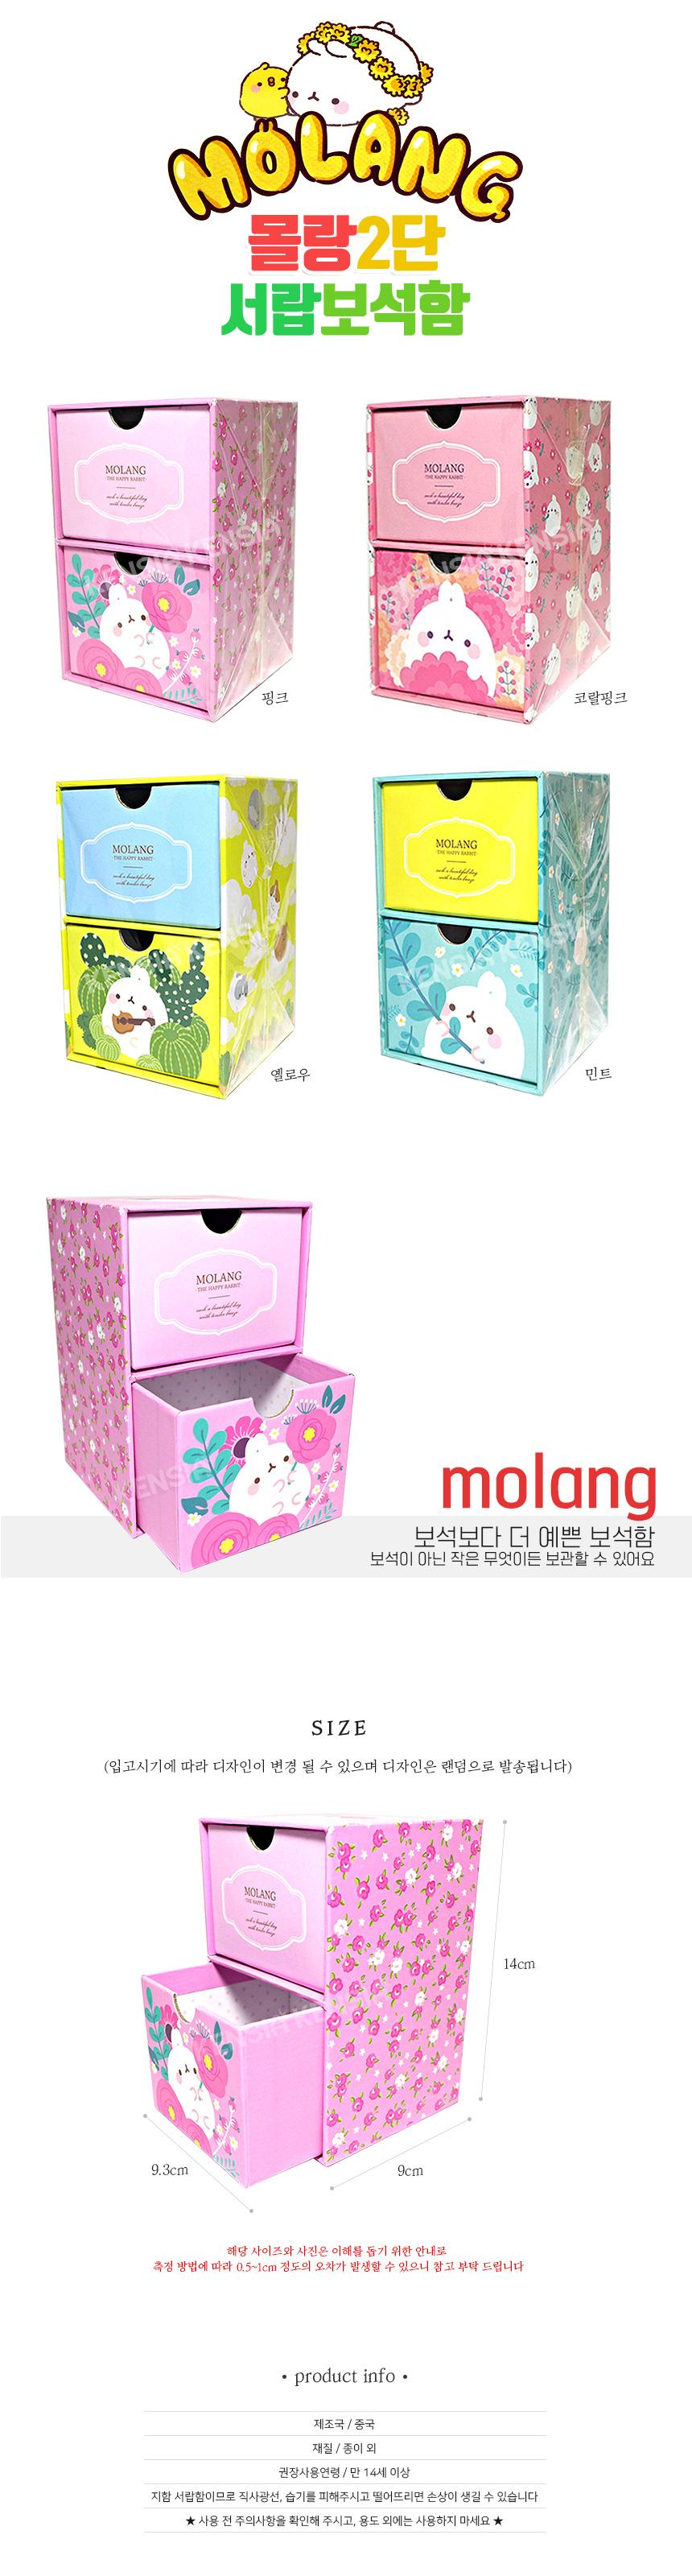 4000_molang_drawing_box.jpg